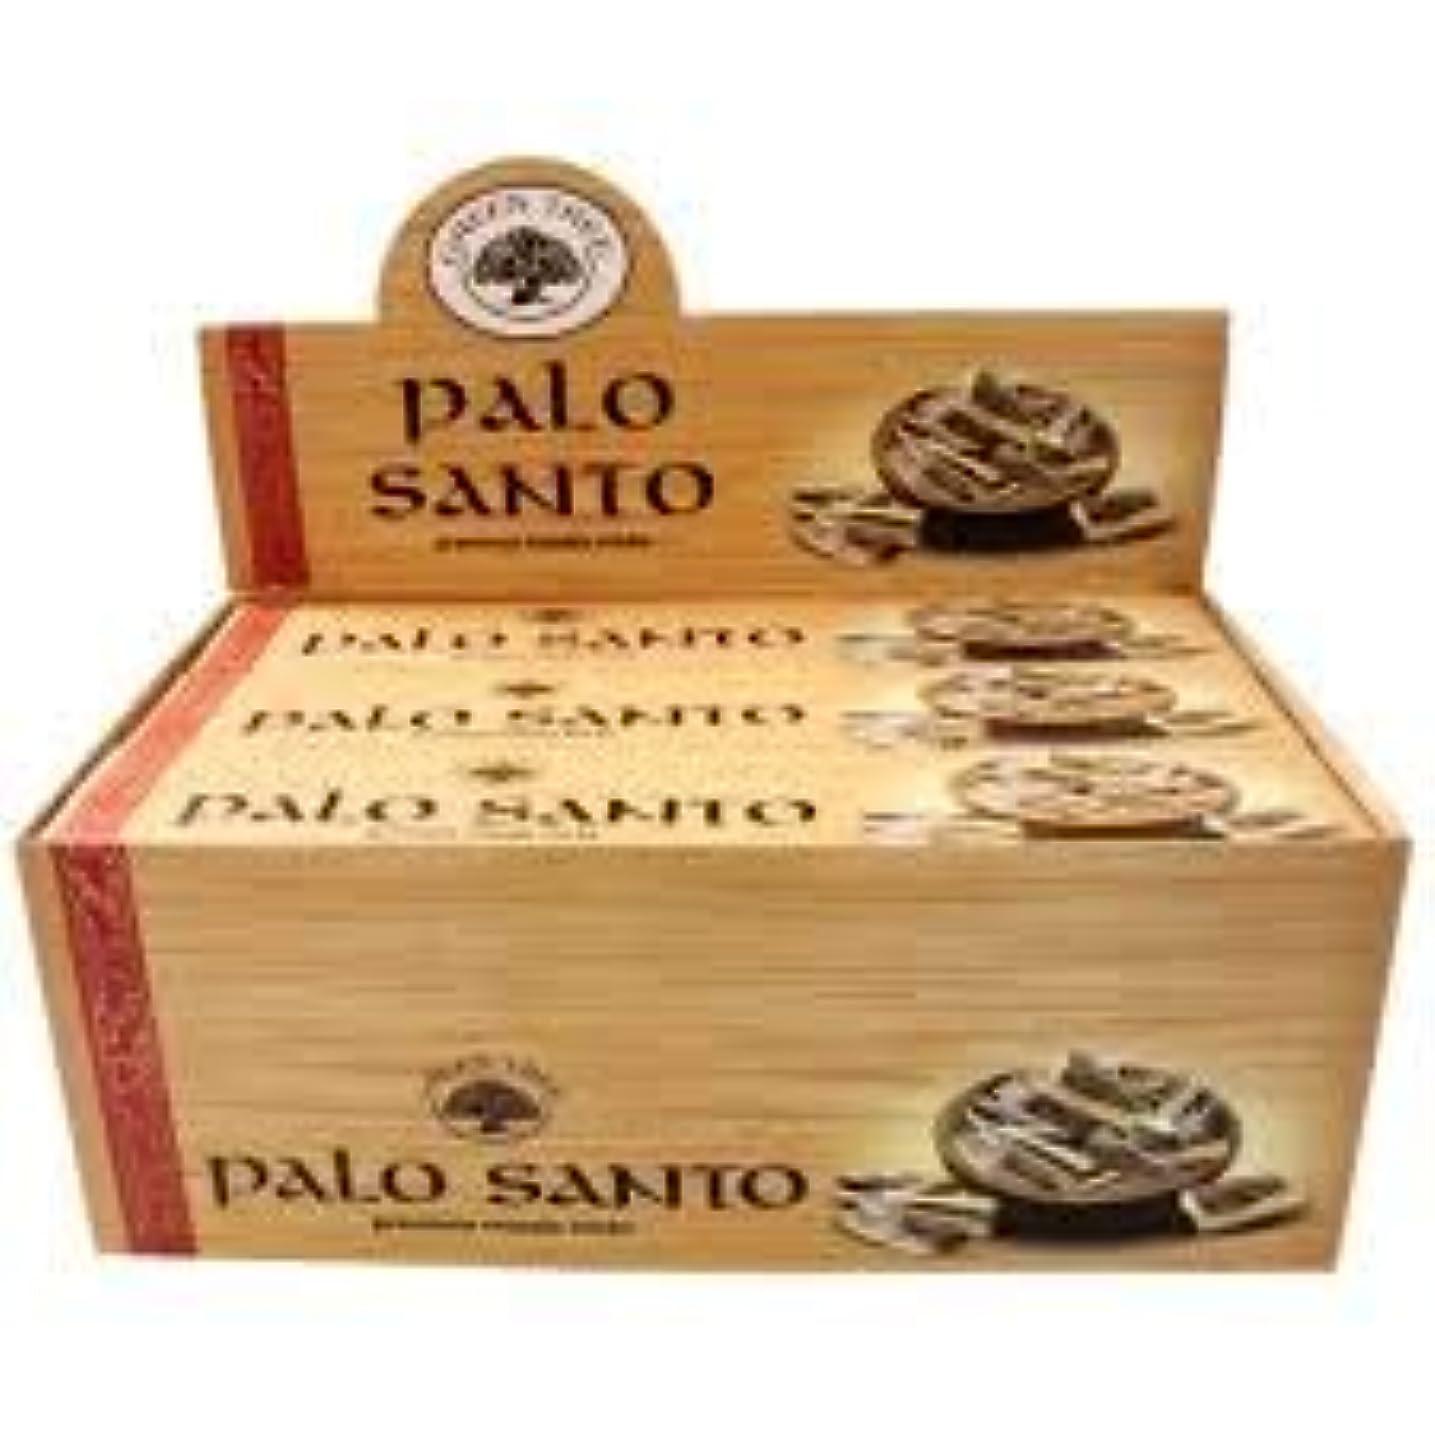 摩擦剃る基礎理論GREEN TREE PALO SANTO パロサント 聖なる樹 お香 スティック 約15本入 (1箱) [並行輸入品]